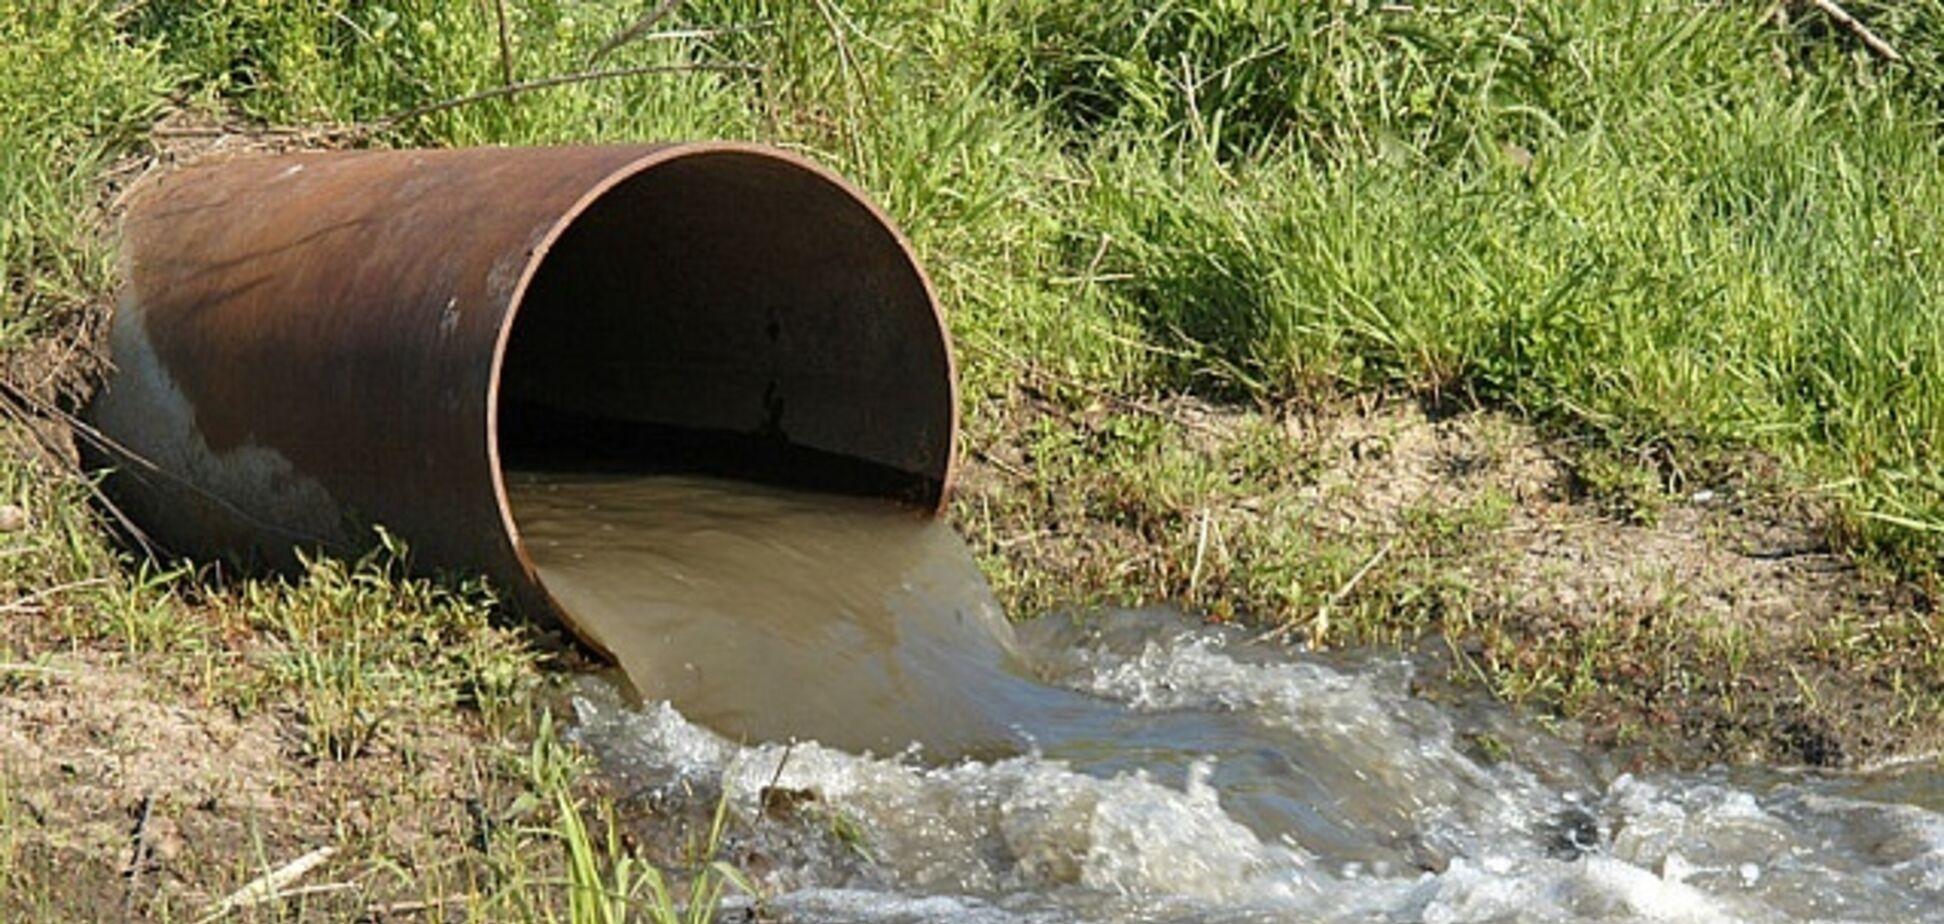 Завод под Днепром загрязнял землю отходами: открыто дело